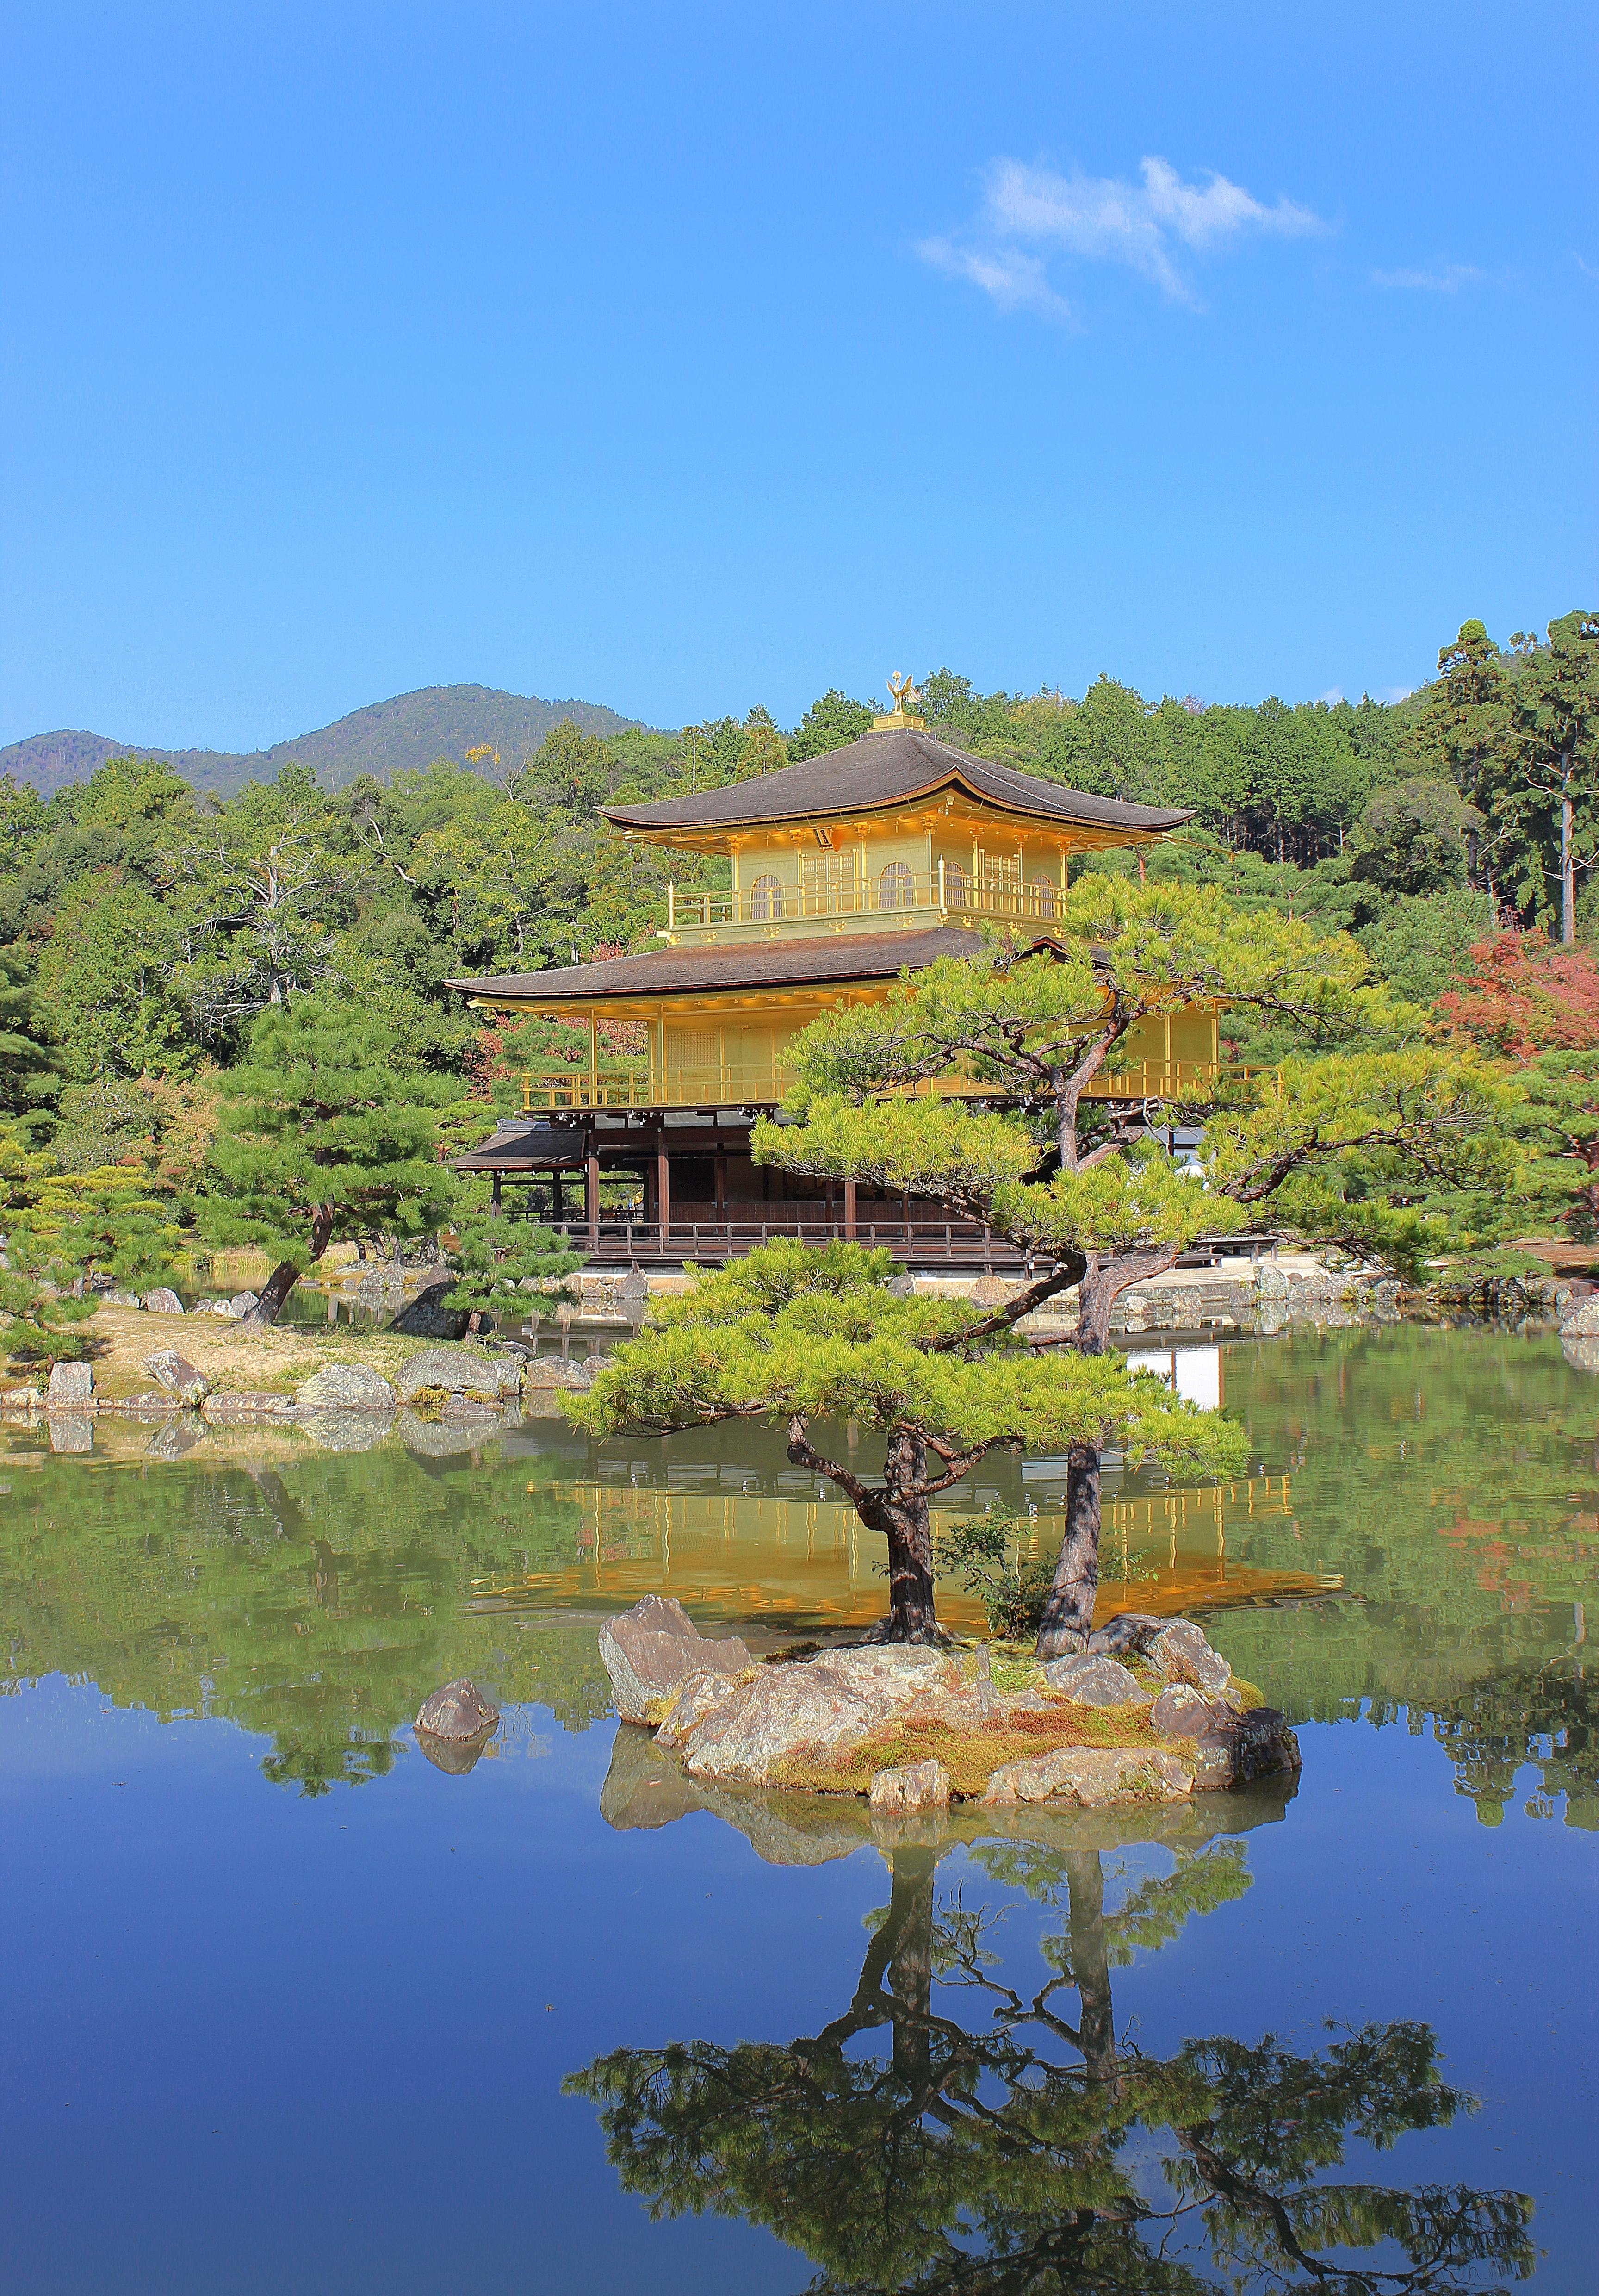 Kinkaku-ji. Kyoto, Japan.